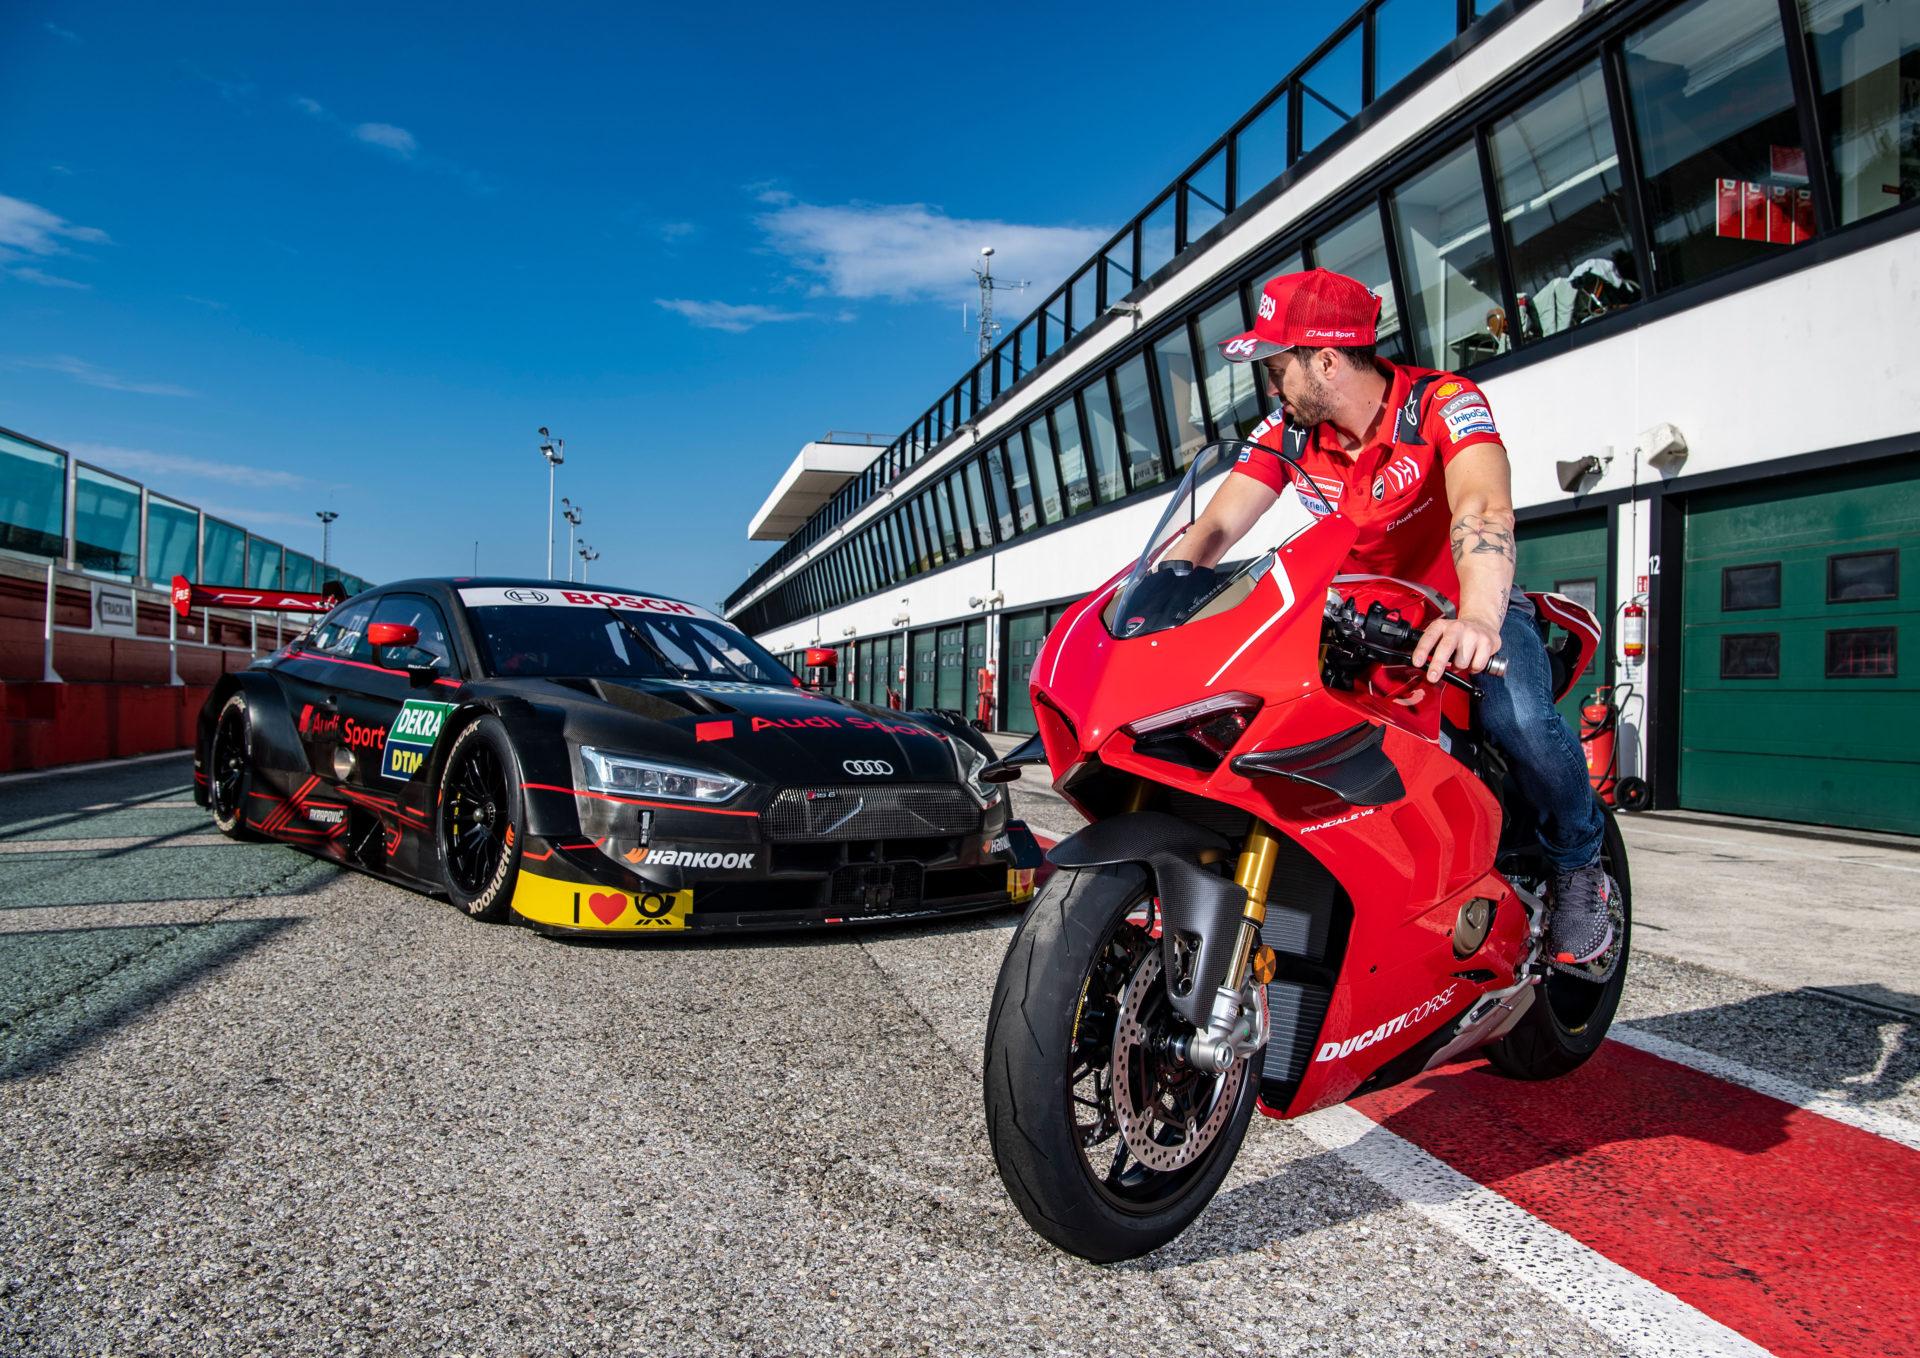 Andrea Dovizioso / Ducati Panigale V4 R, Audi RS 5 DTM